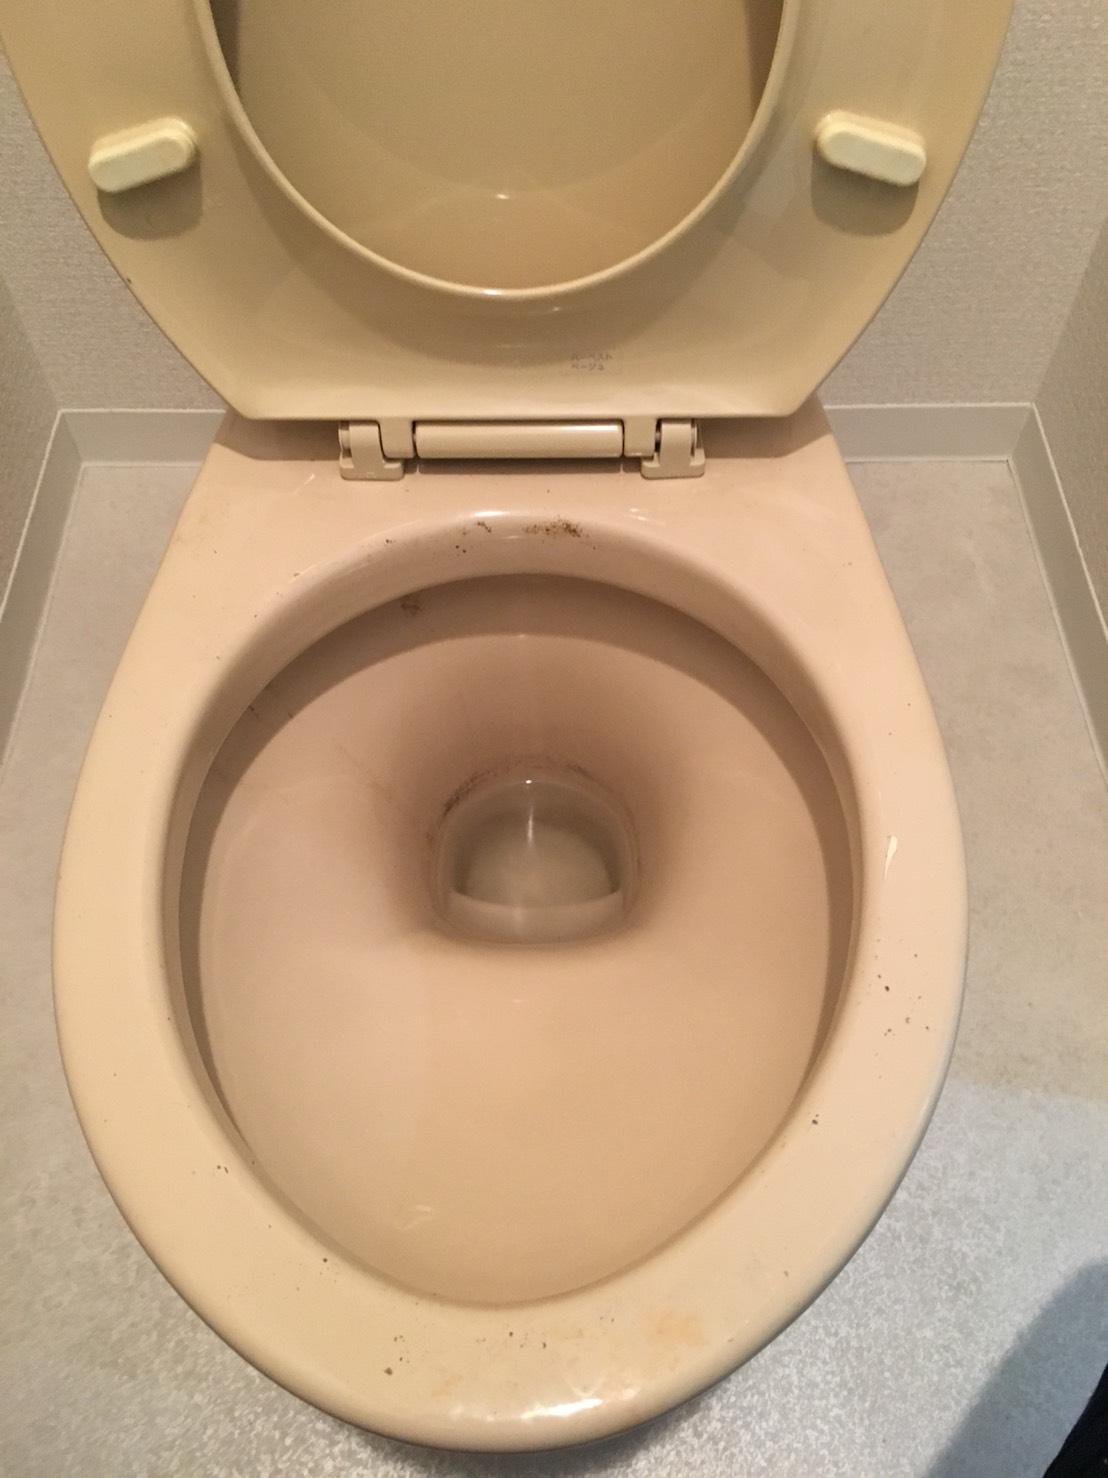 トイレいつも綺麗!職場・店舗のトイレが綺麗になって行く!トイレ掃除が苦手な方は、おそうじプラスにおまかせください!